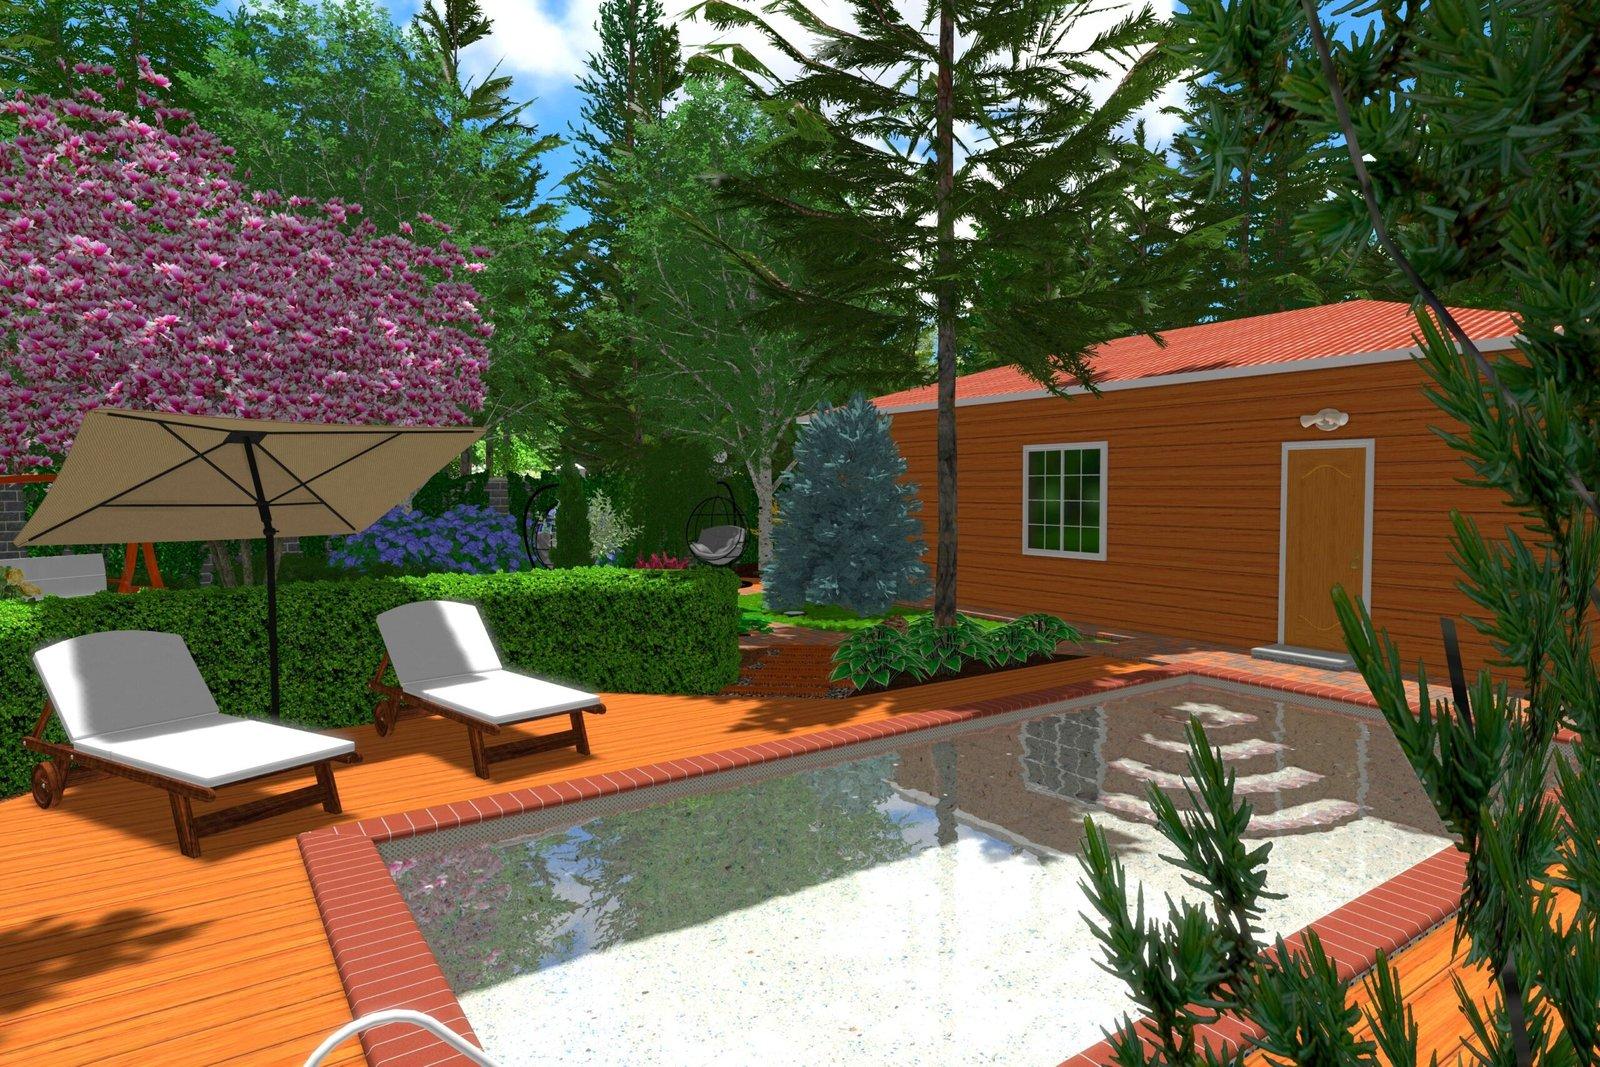 Благоустройство и озеленение по выгодным ценам, Создание уютной придомовой территории